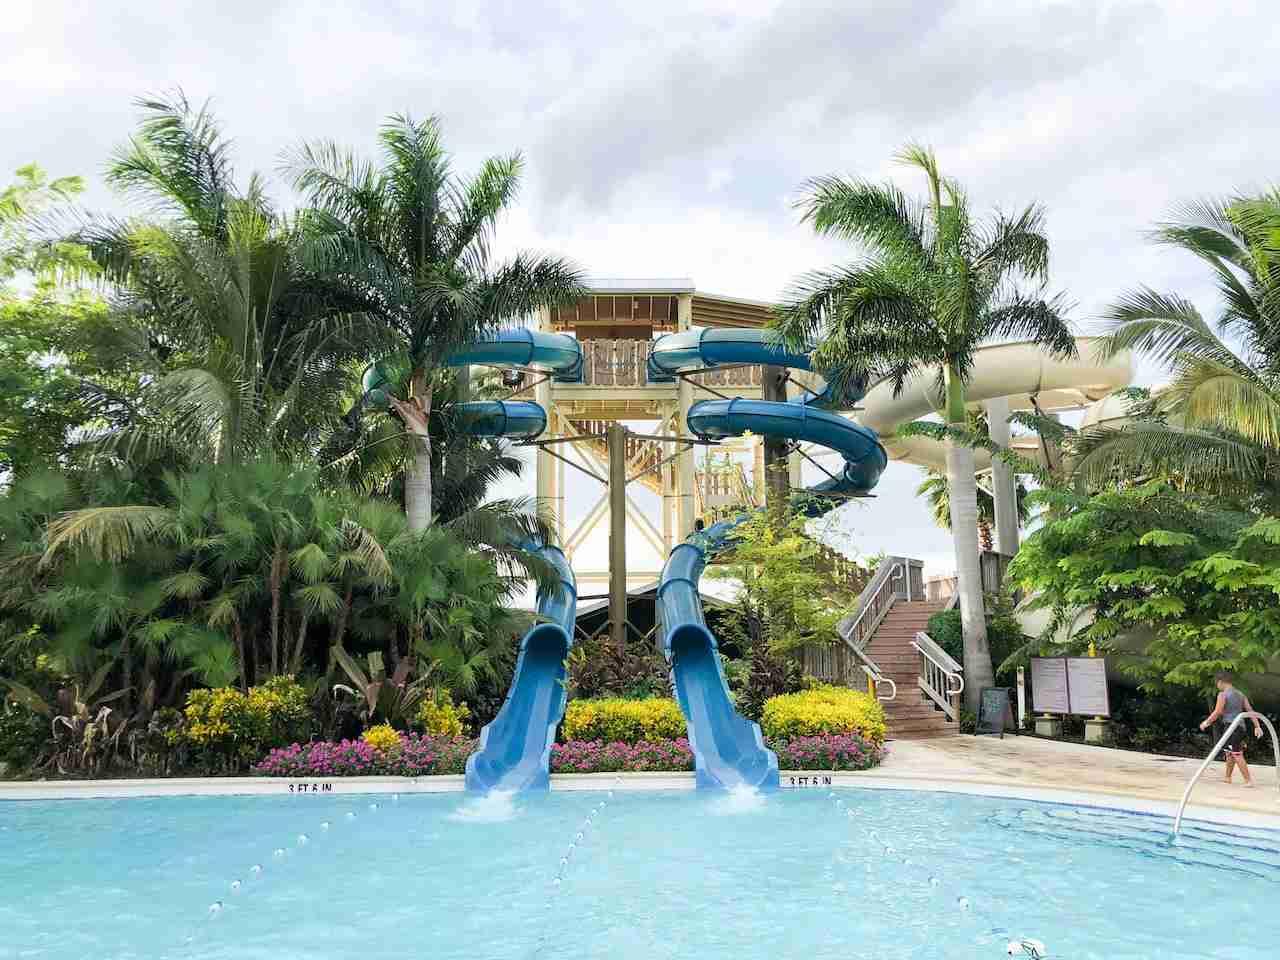 Use a Hyatt award to play at Hyatt Coconut Point in Florida